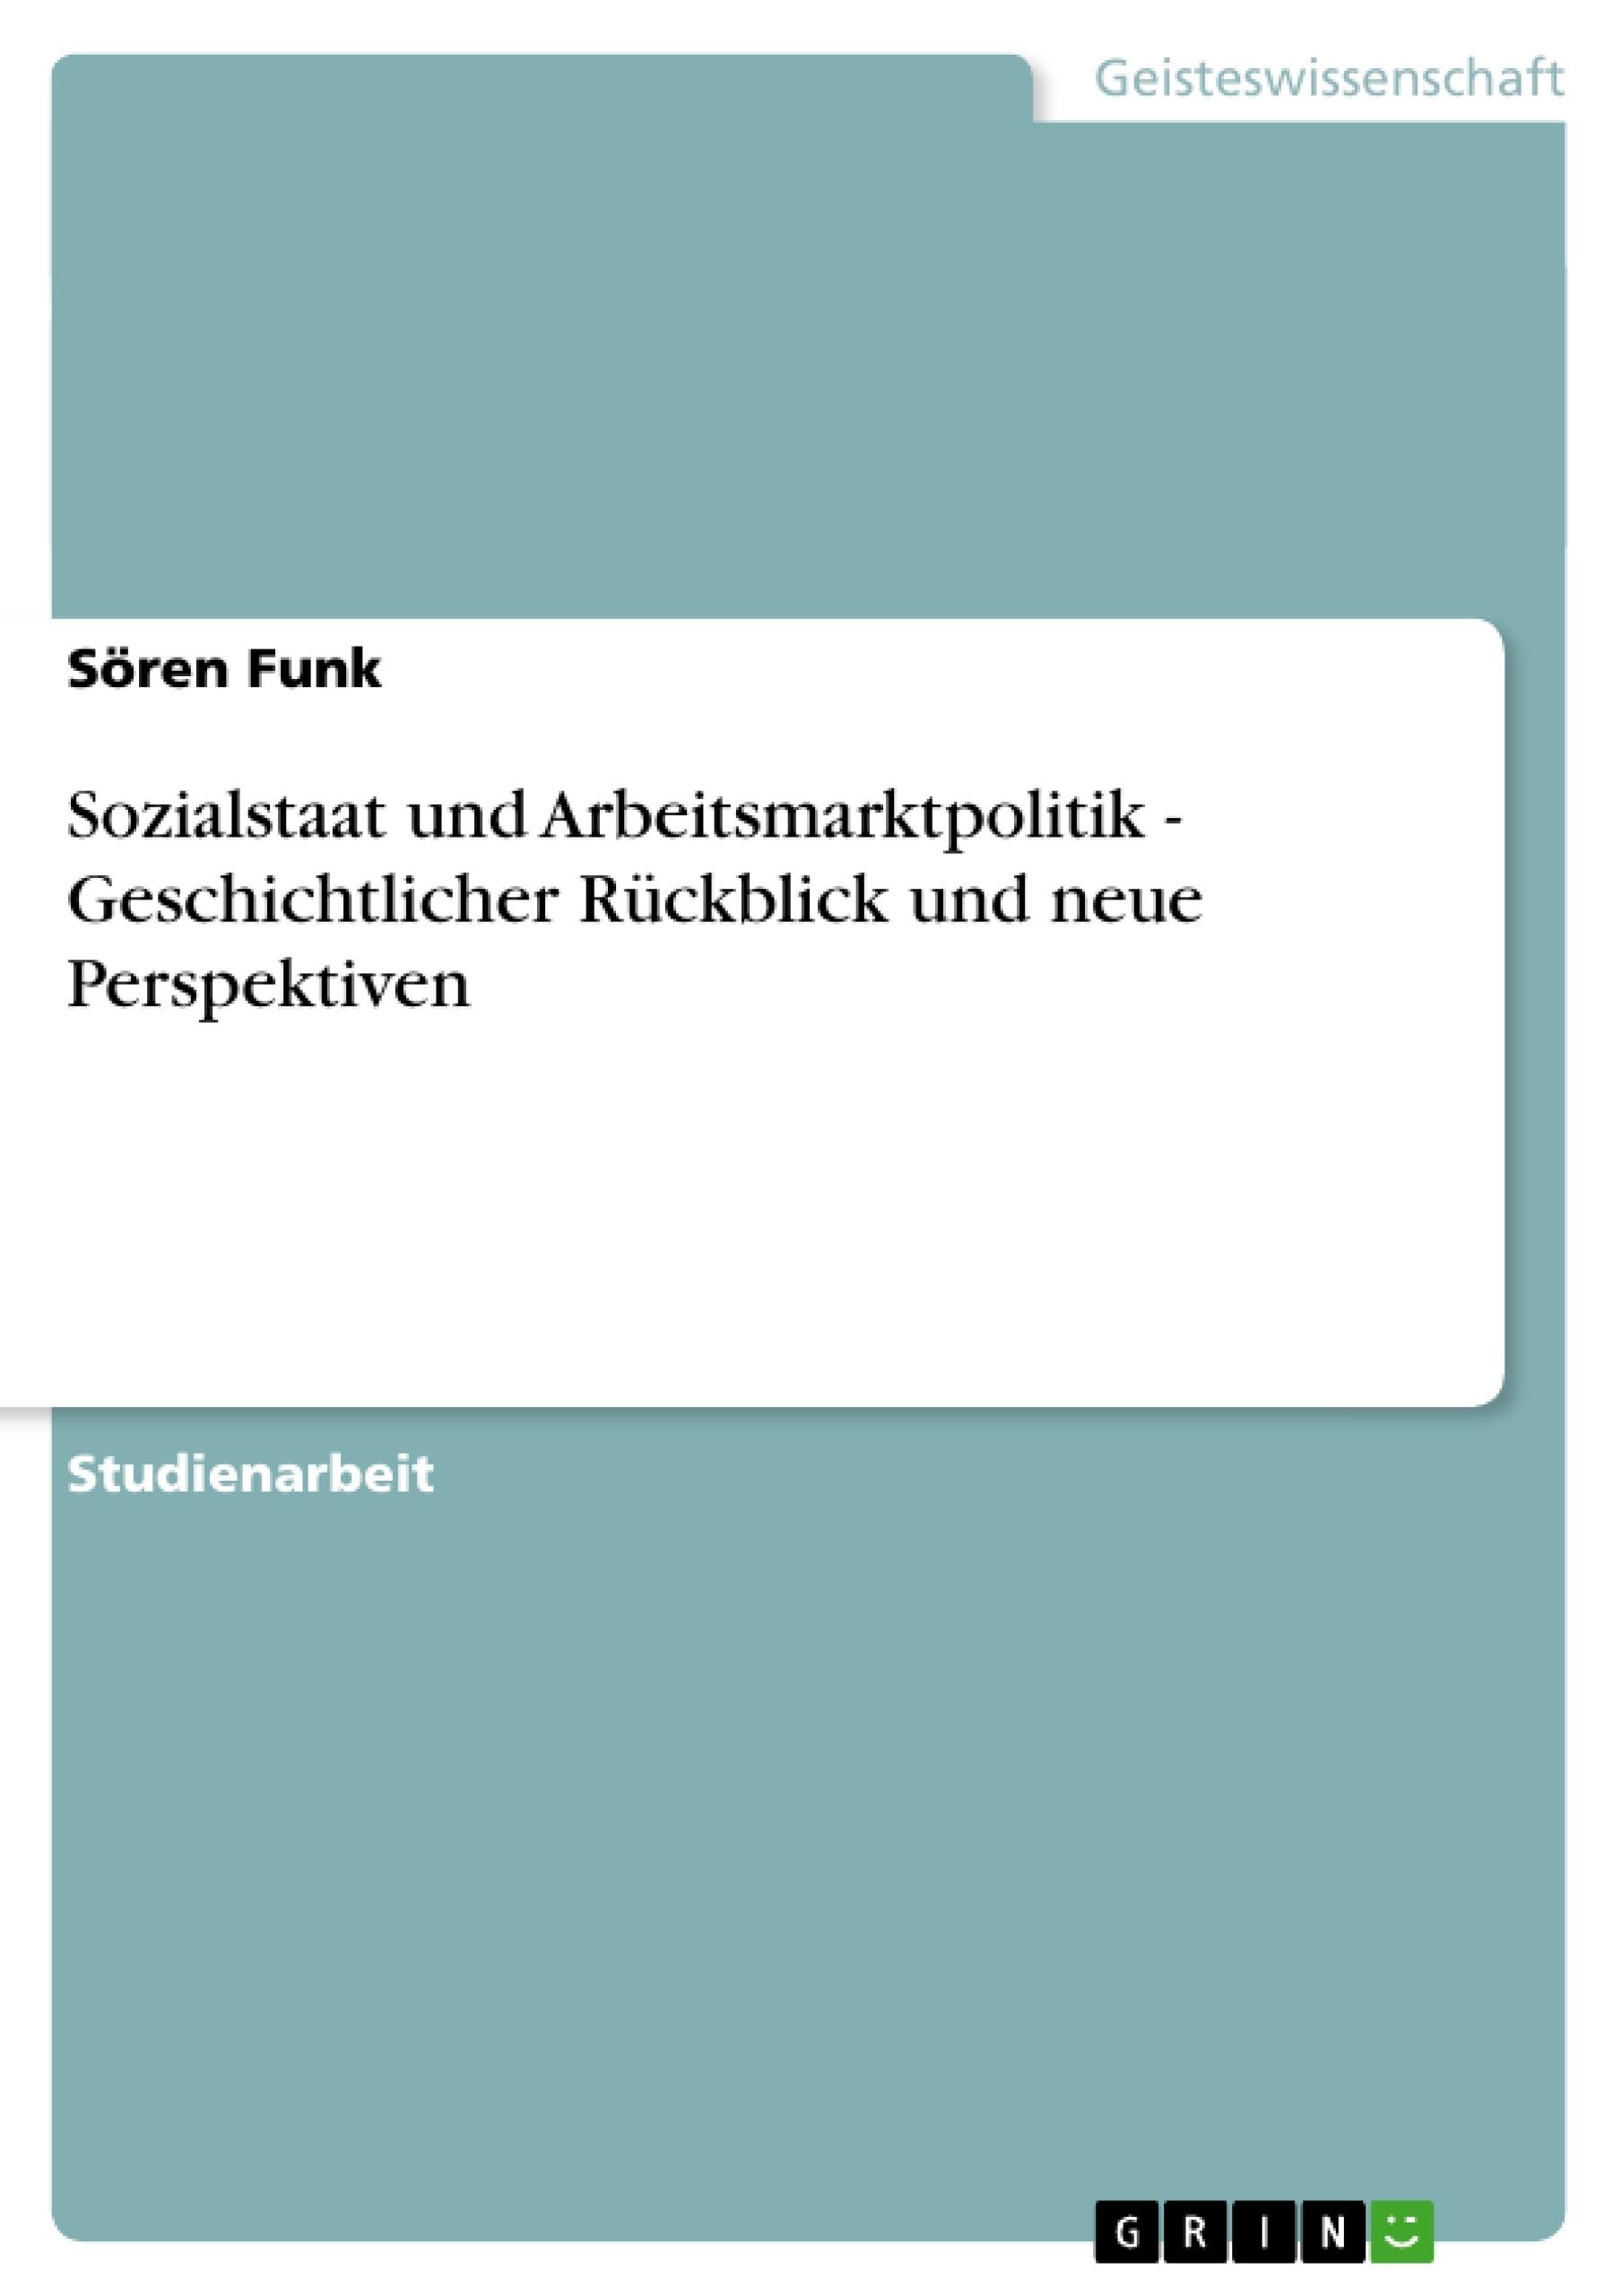 Titel: Sozialstaat und Arbeitsmarktpolitik - Geschichtlicher Rückblick und neue Perspektiven